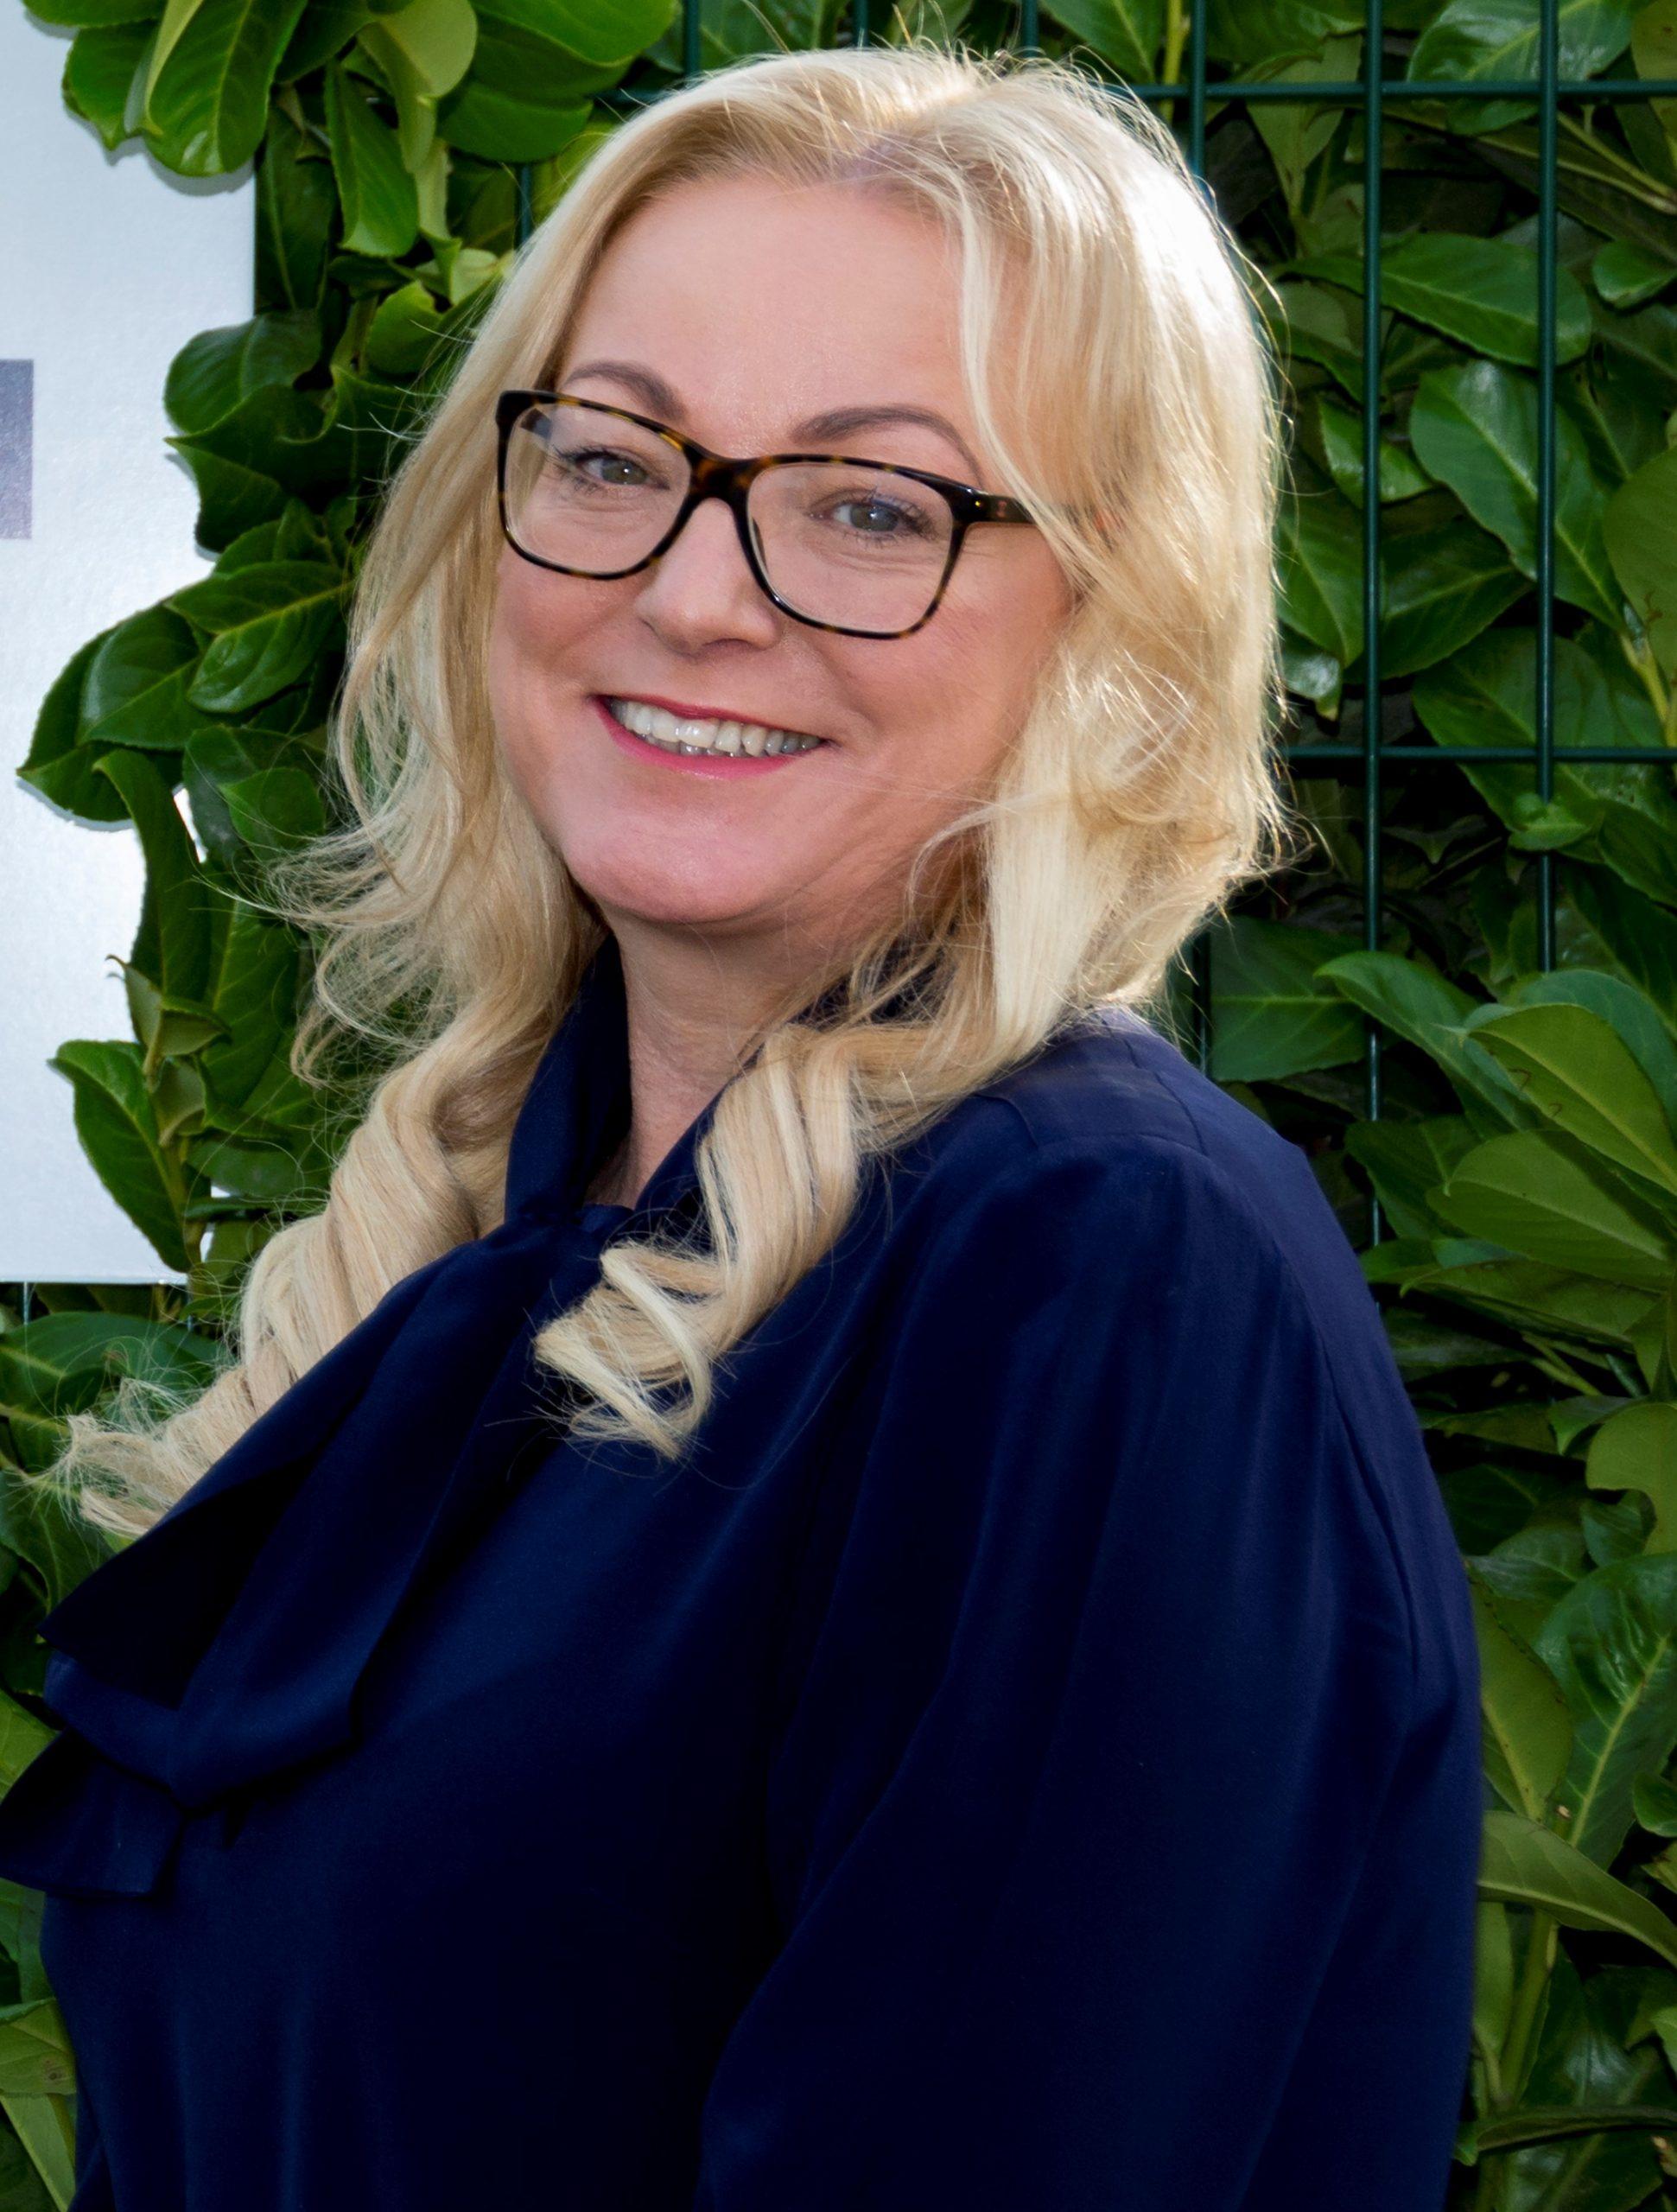 Angela Stafford